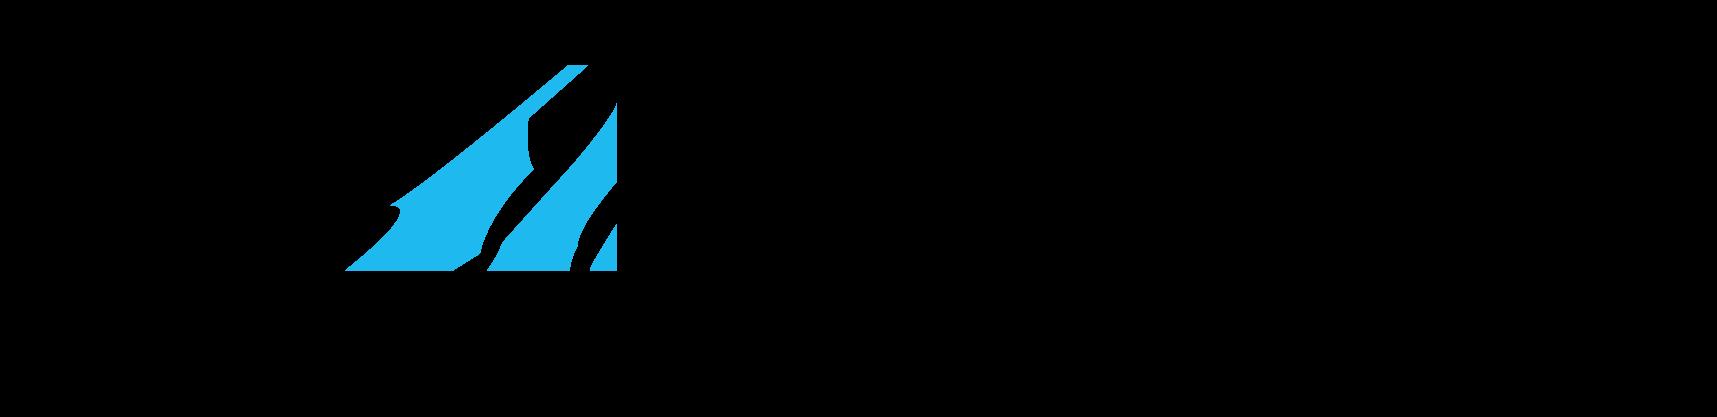 Web sponsor banner nre